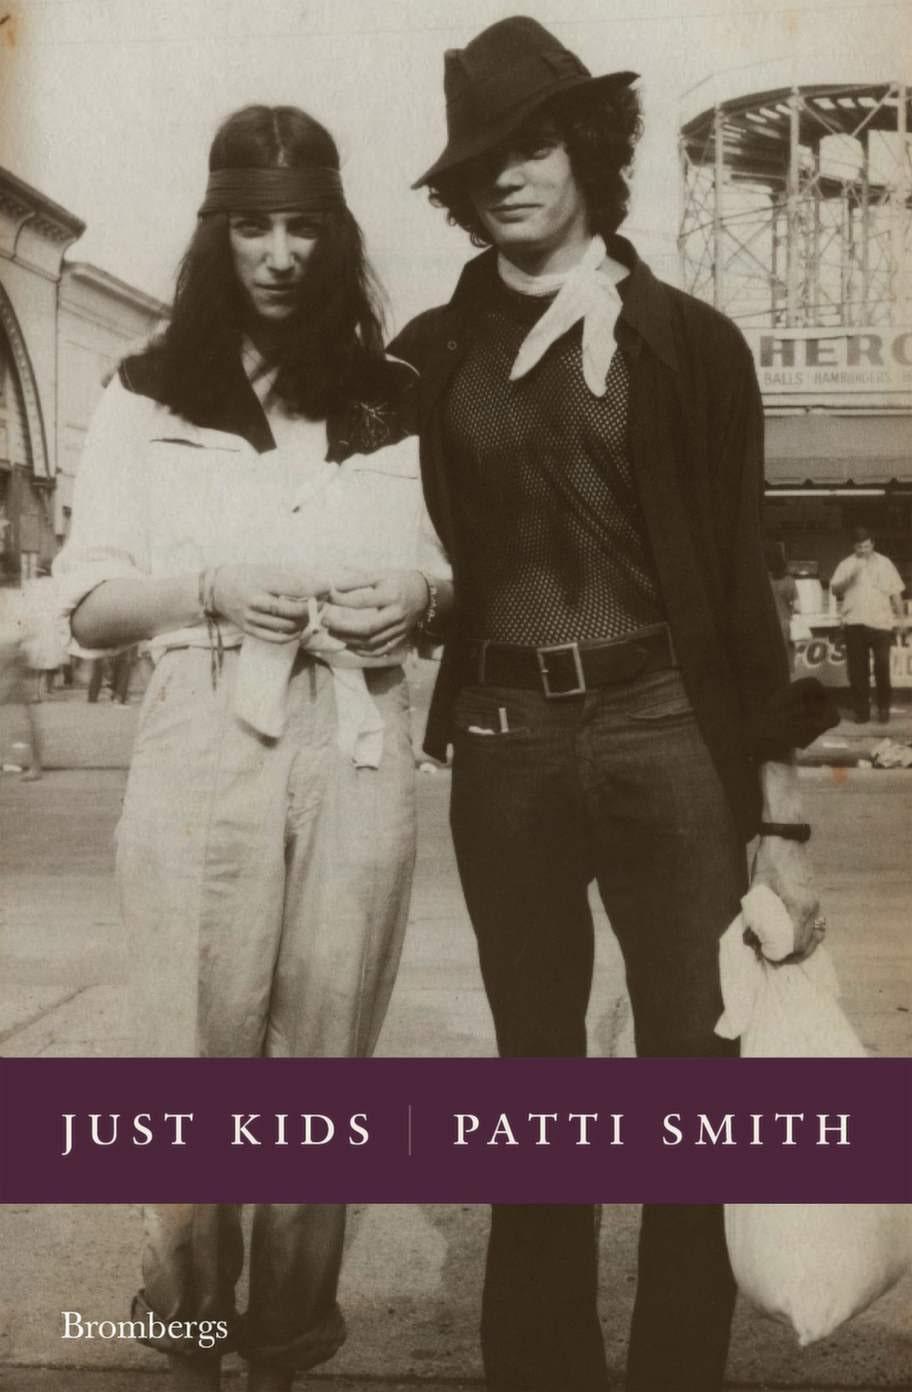 Just Kids av Patti Smith, BrombergsEn sirligt och vackert skriven biografi som beskriver artisten och poeten Patti Smiths liv tillsammans med sin själsfrände Robert Mapplethorpe. Ger en stilla och långsam läsupplevelse som både stressar av och väcker skaparlust.